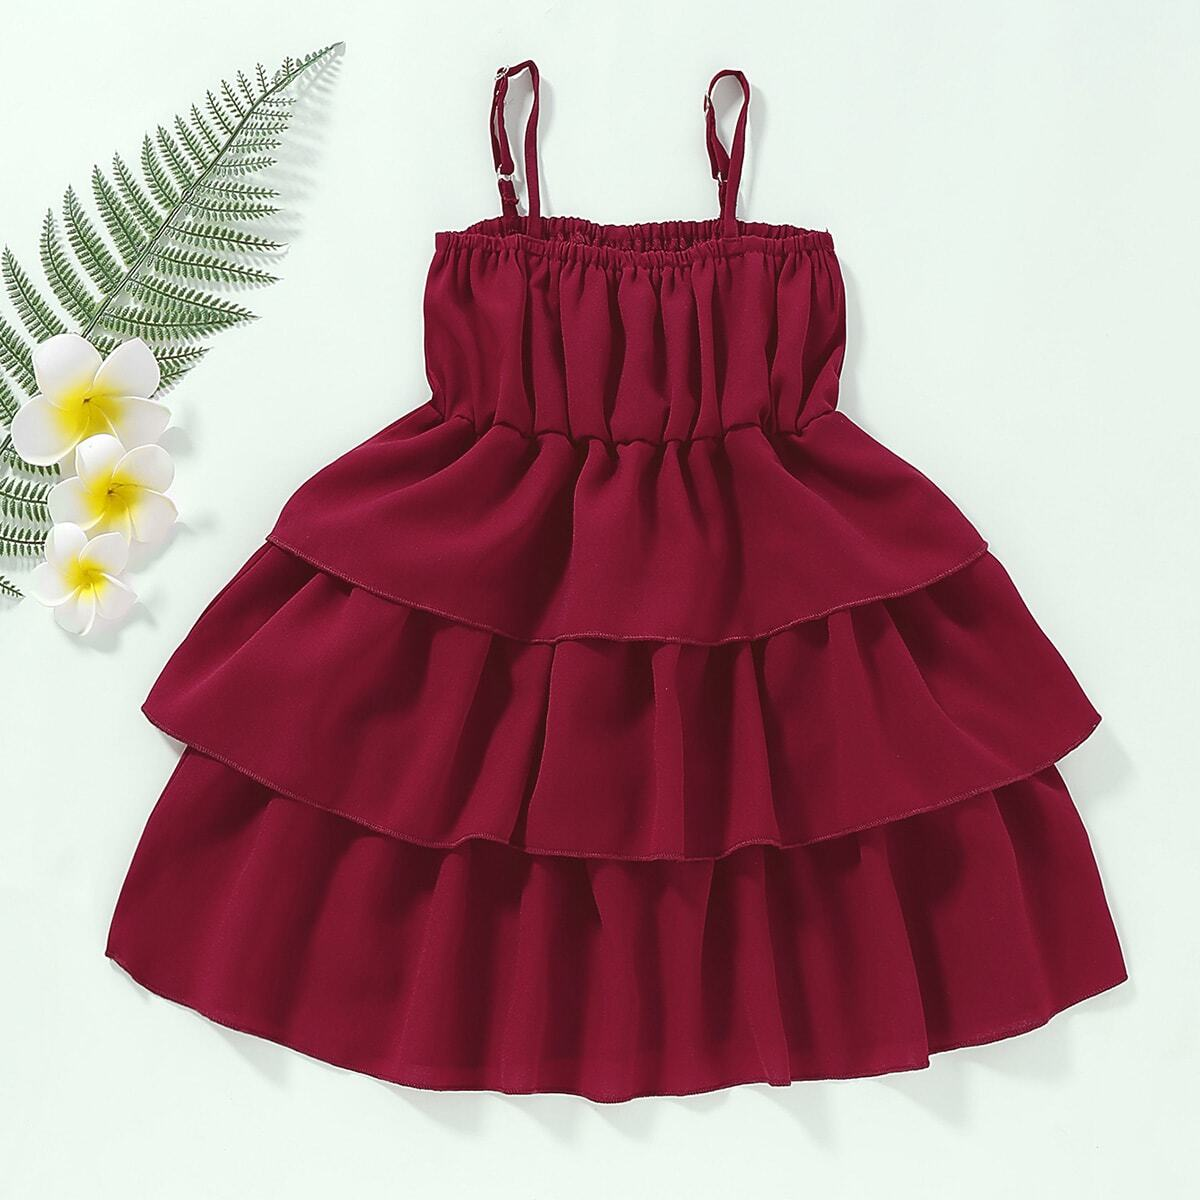 Многоуровневое платье для девочек от SHEIN